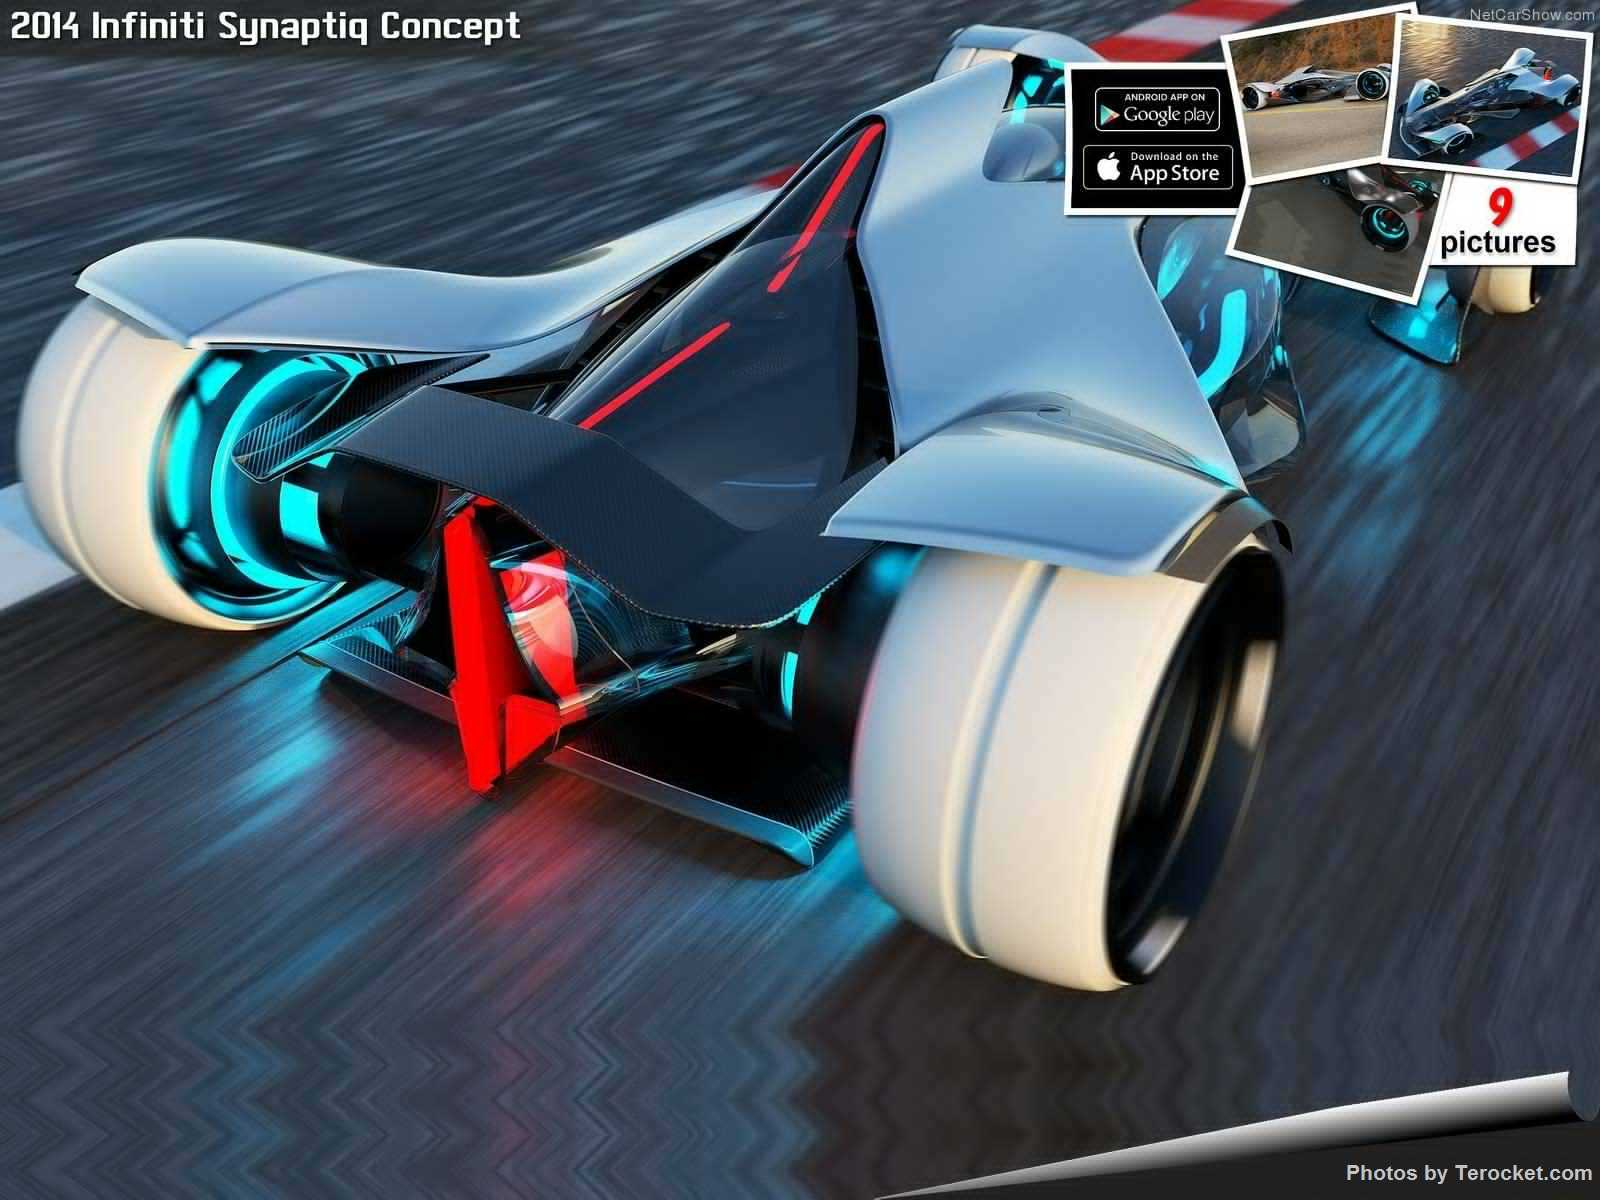 Hình ảnh xe ô tô Infiniti Synaptiq Concept 2014 & nội ngoại thất